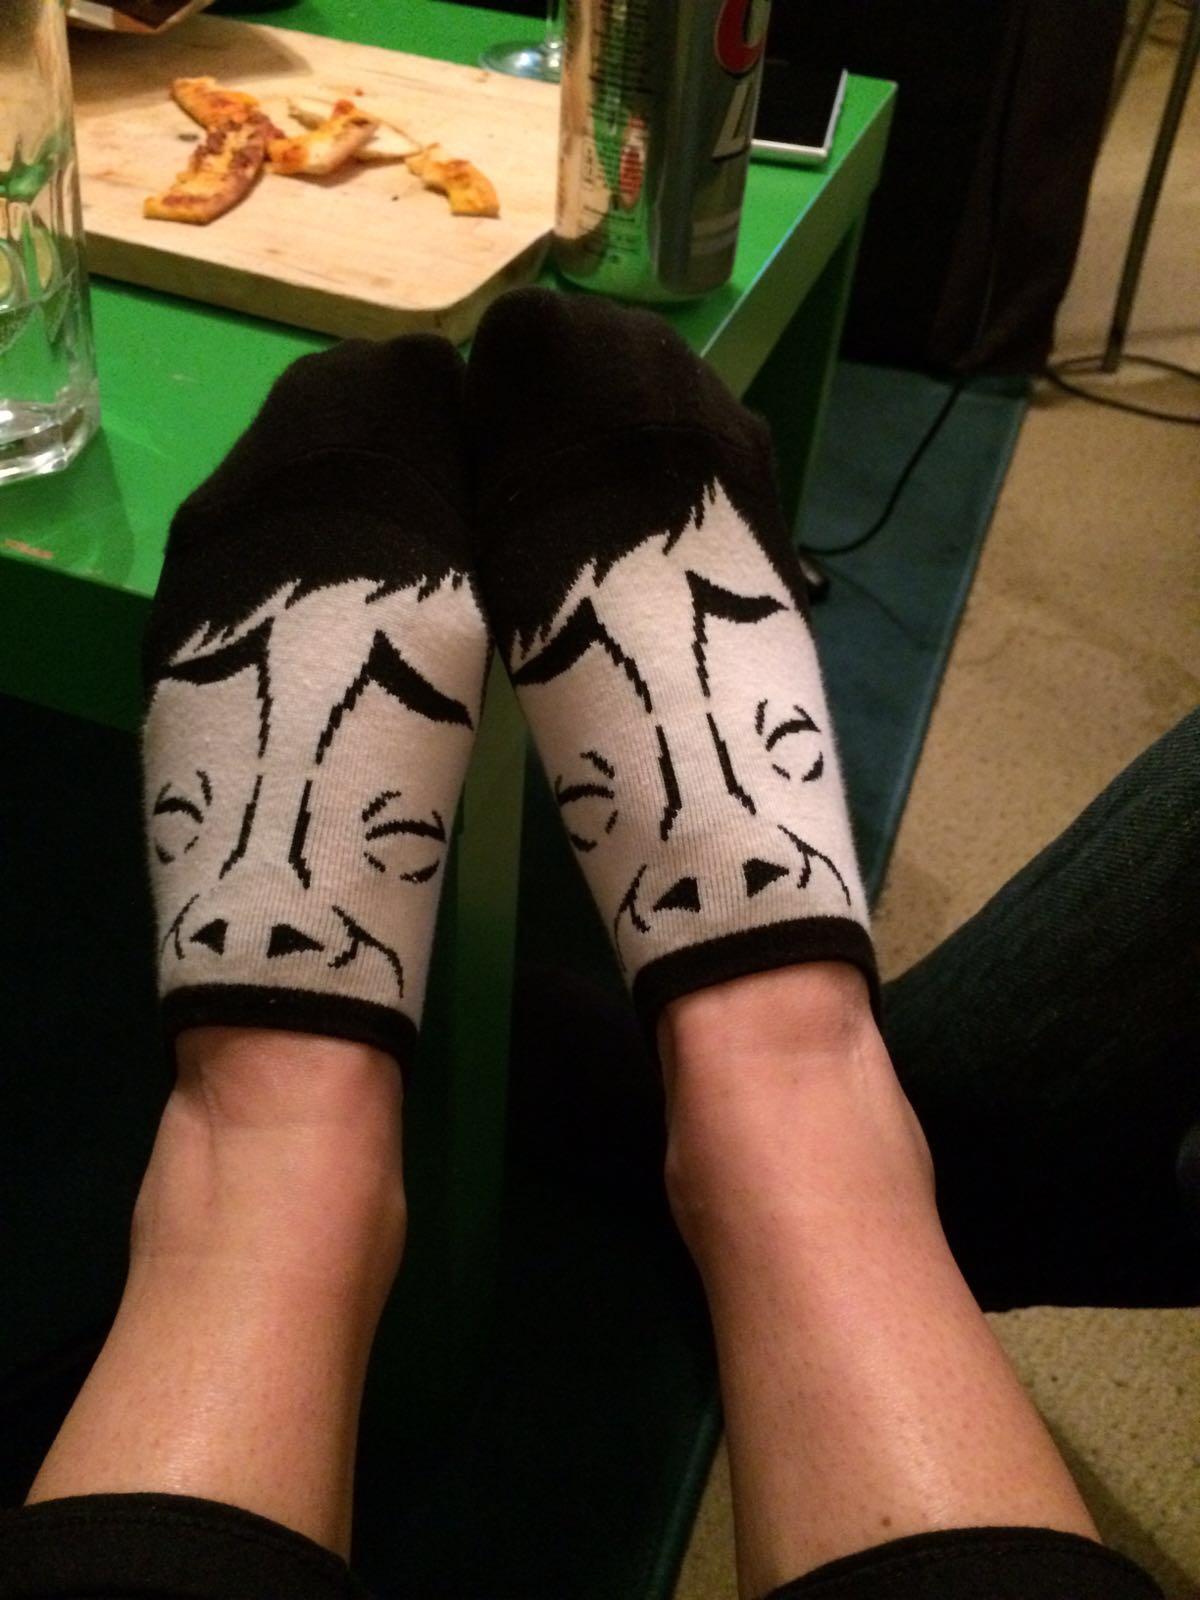 Kat's racist socks